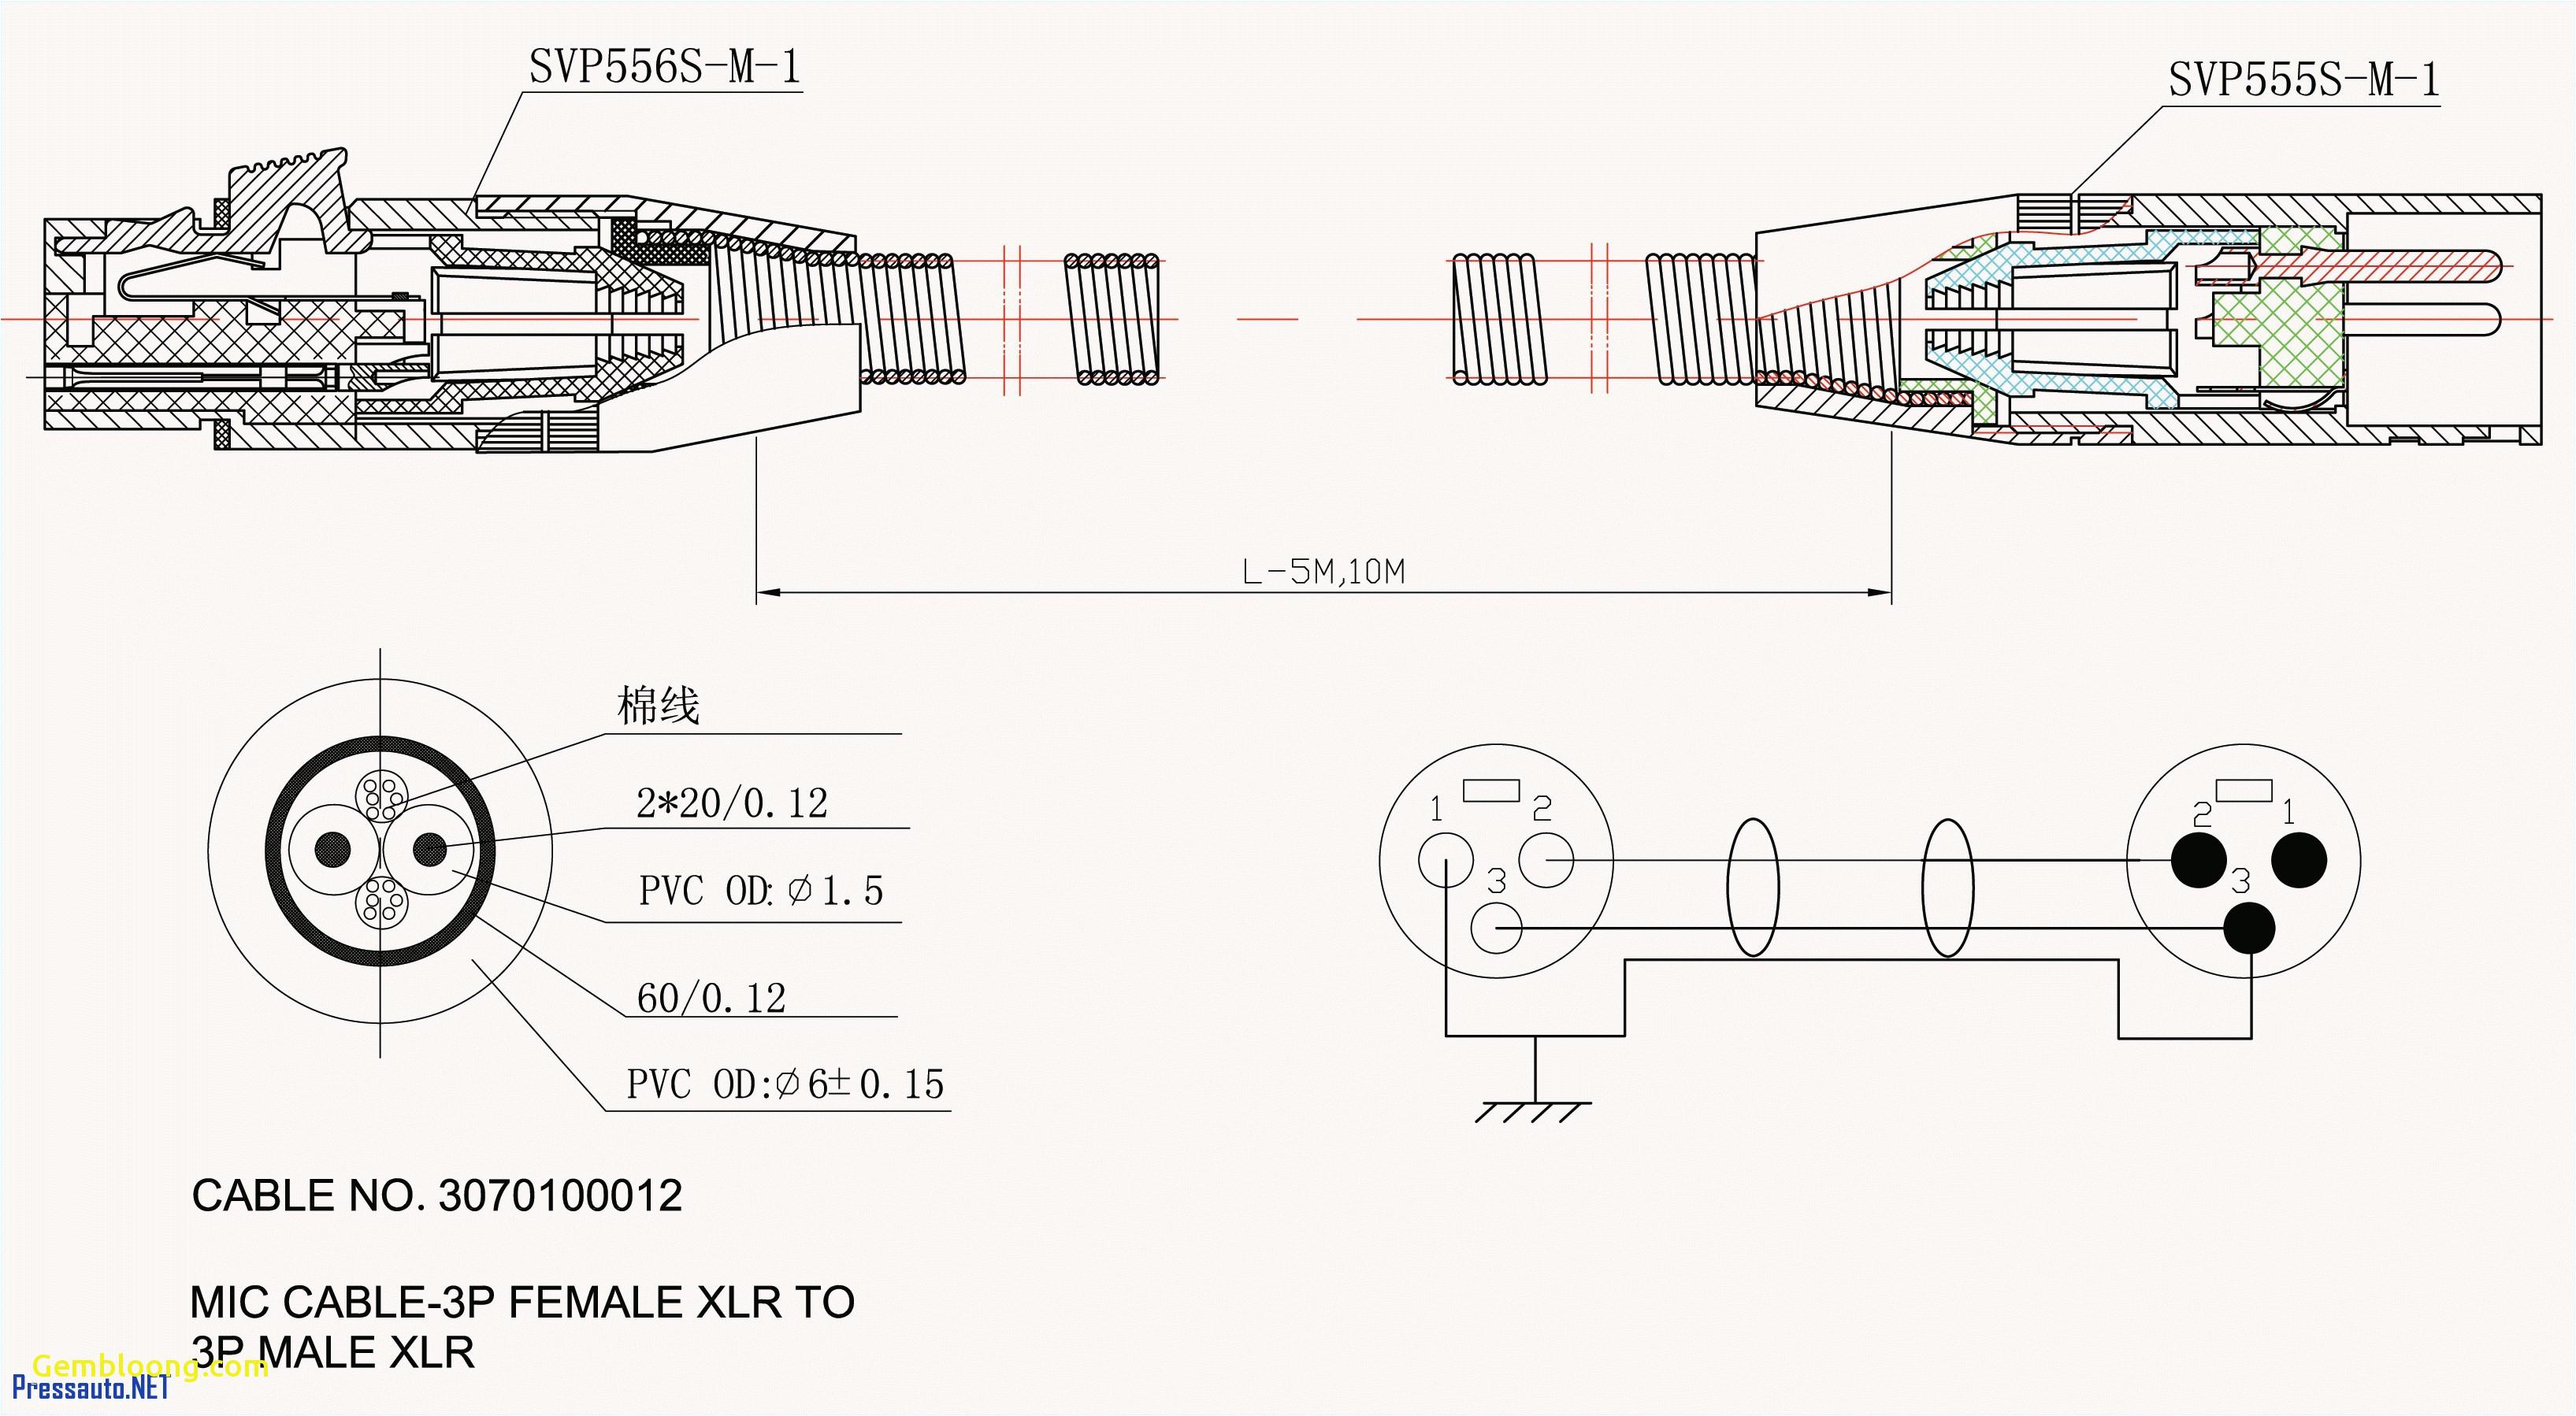 2000 2 5rs wiring diagram wiring diagram home 2000 2 5rs wiring diagram